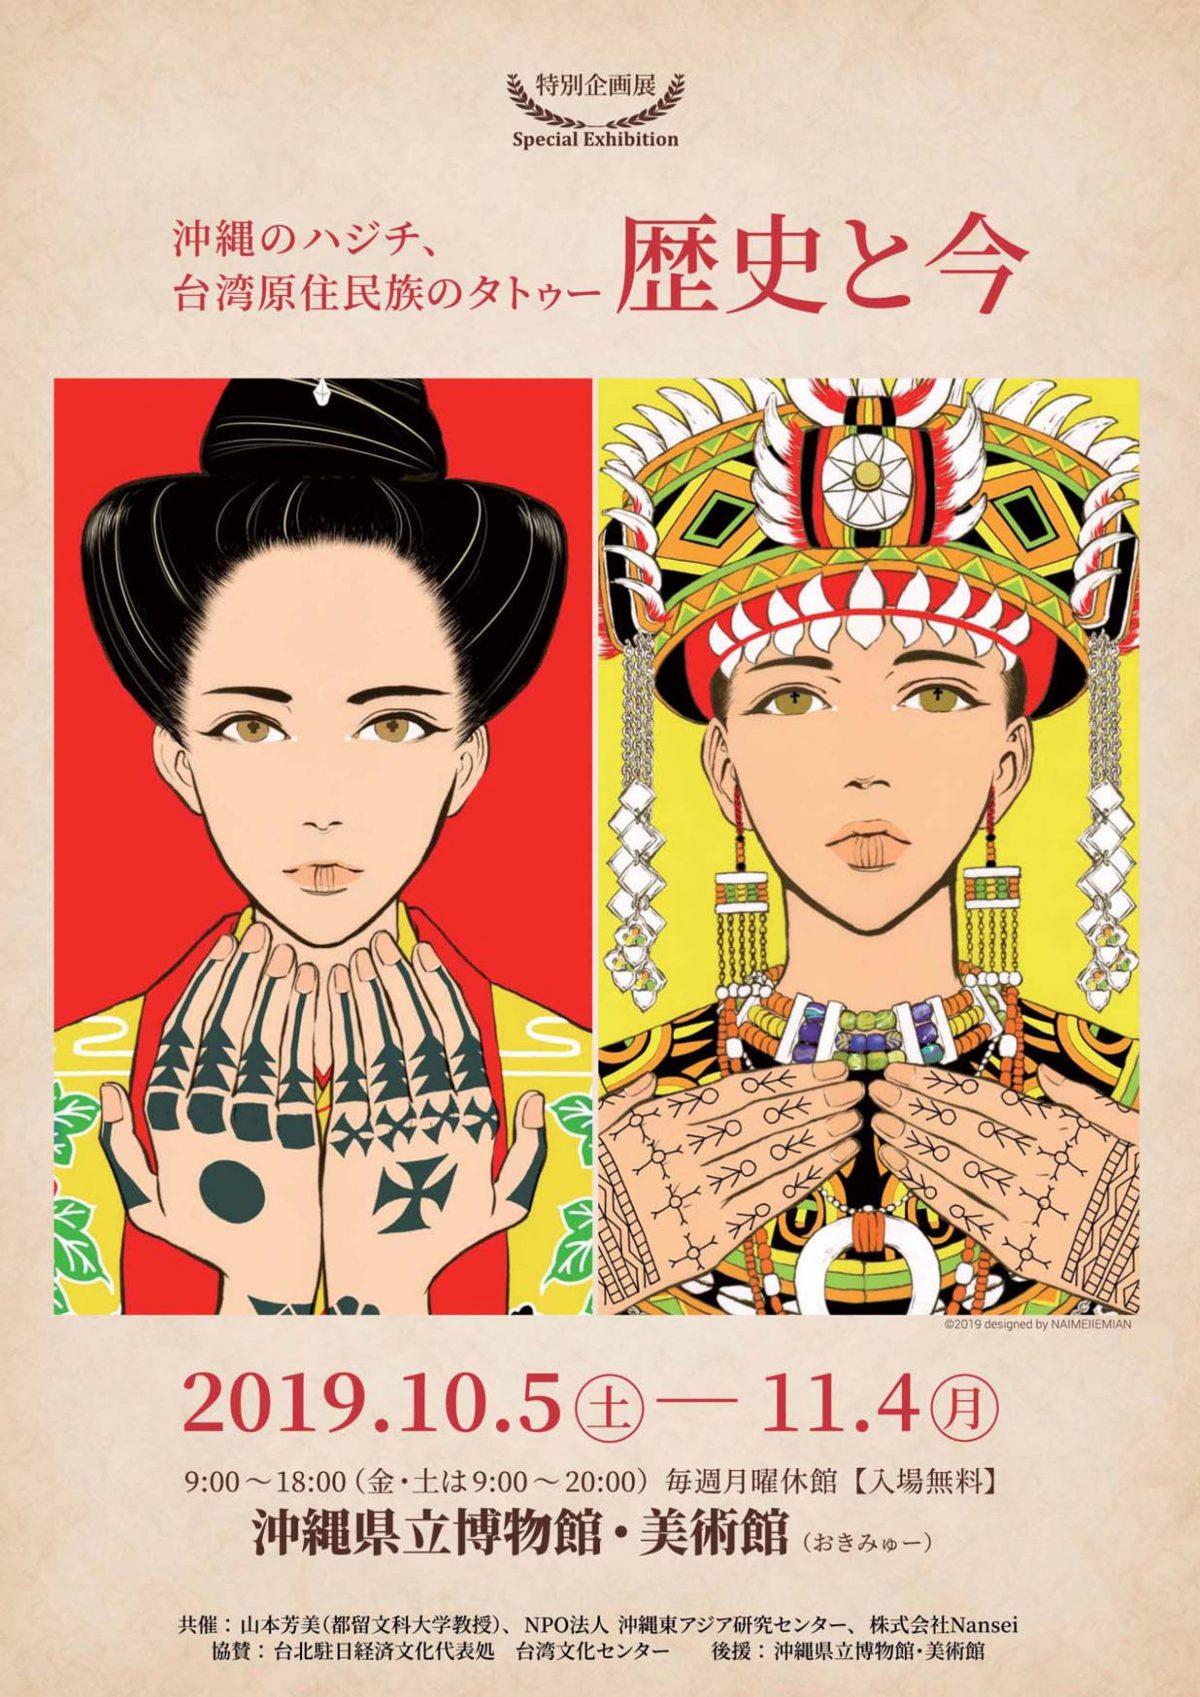 展示会は10月5日(土)〜11月4日(月)!クラウドファンディングは締切間近!「沖縄のハジチ、台湾原住民族のタトゥーの歴史と今」